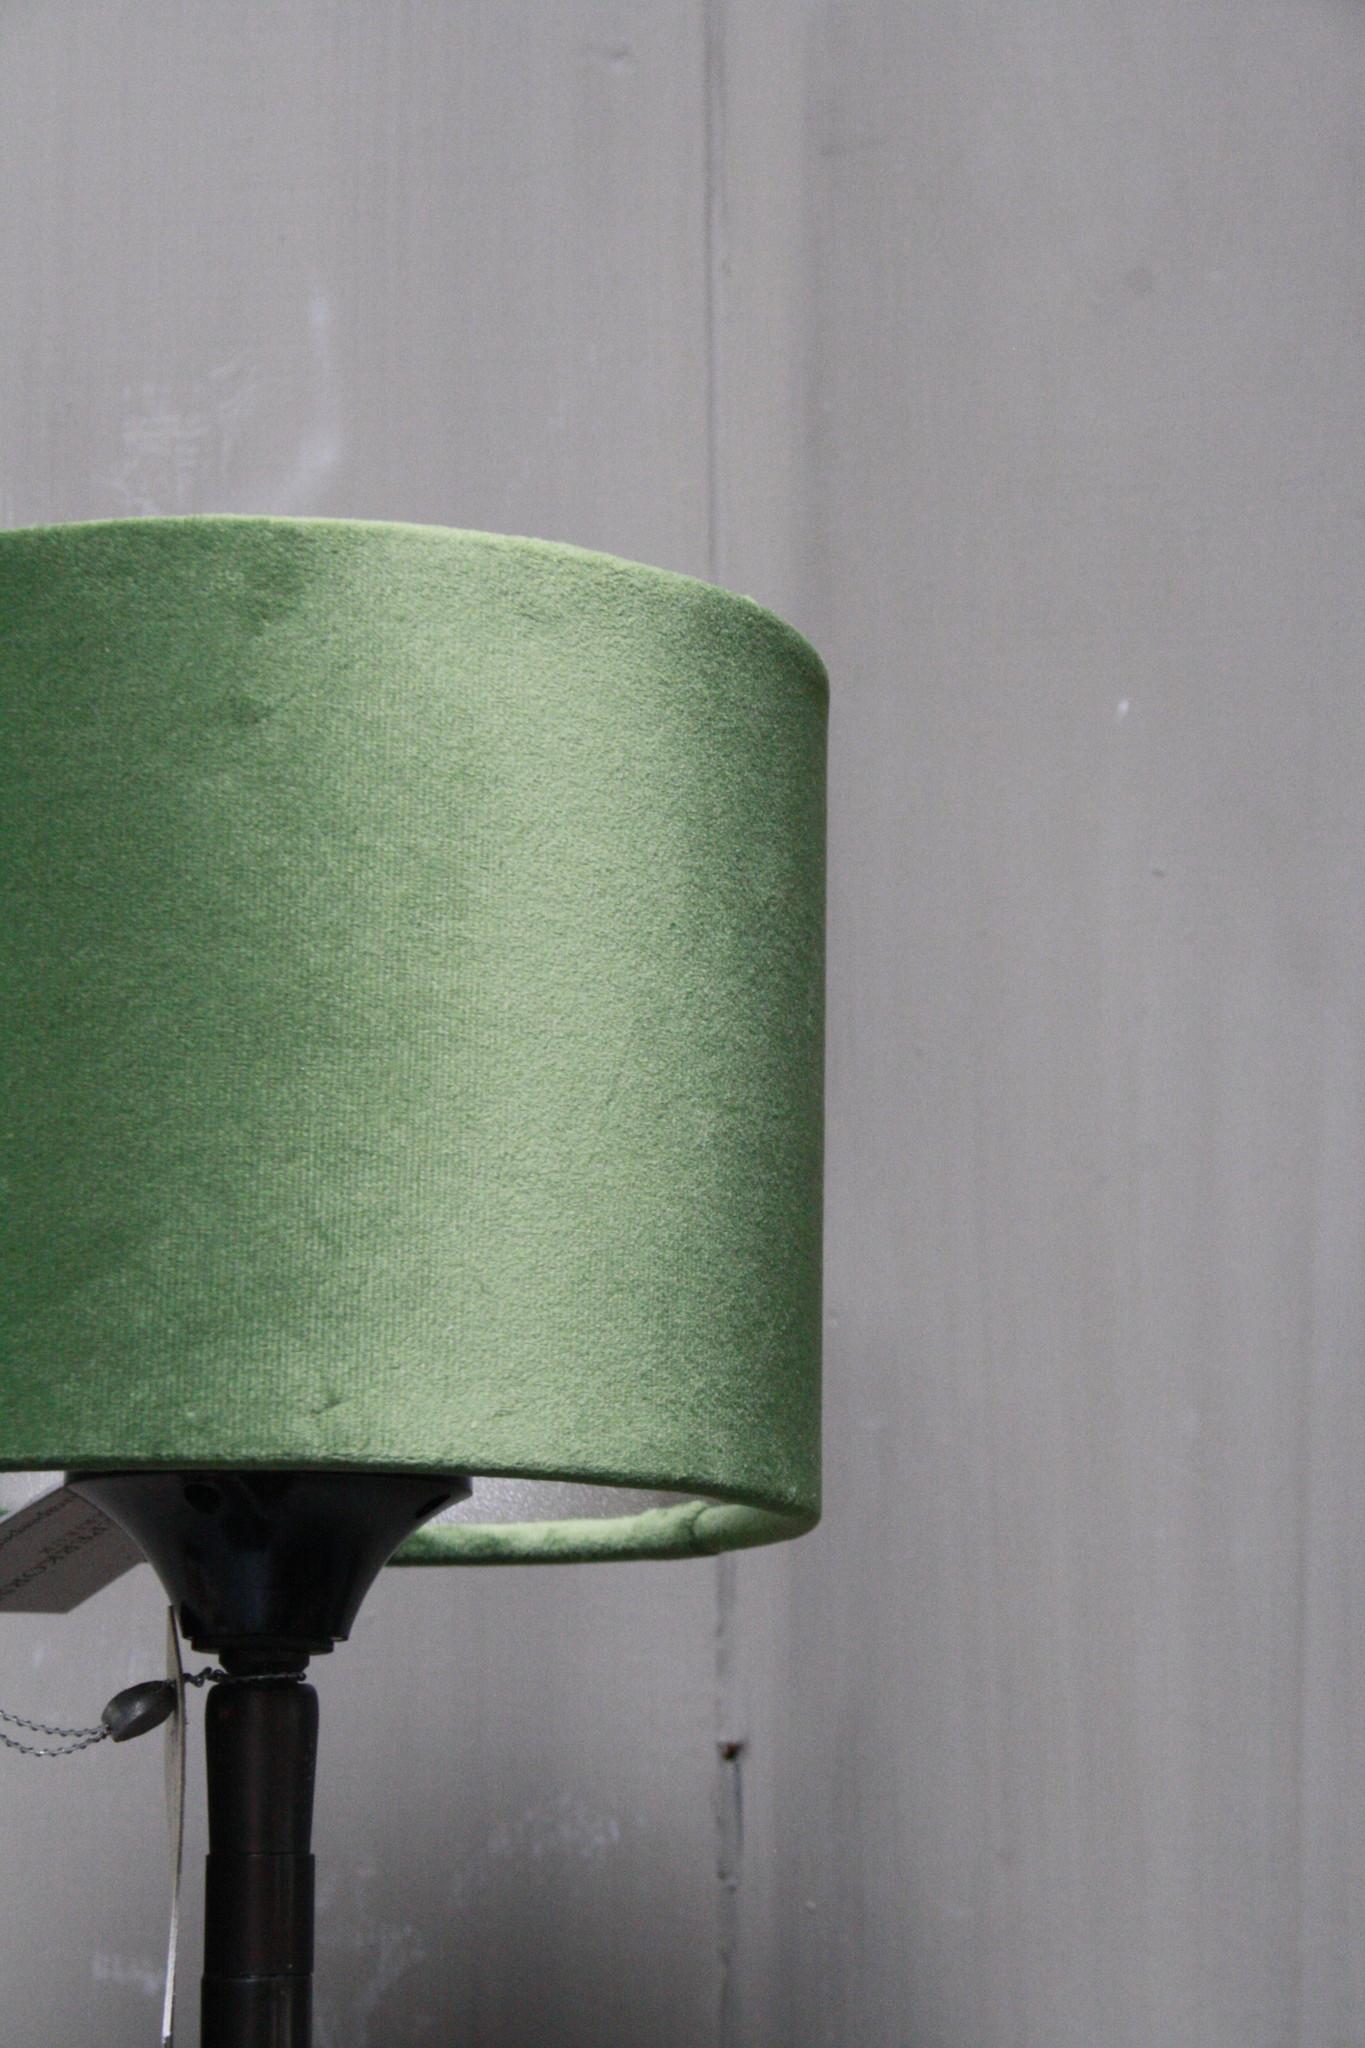 Vloerlamp 120 cm velvet fluweel groen + natuurstenen voet-3